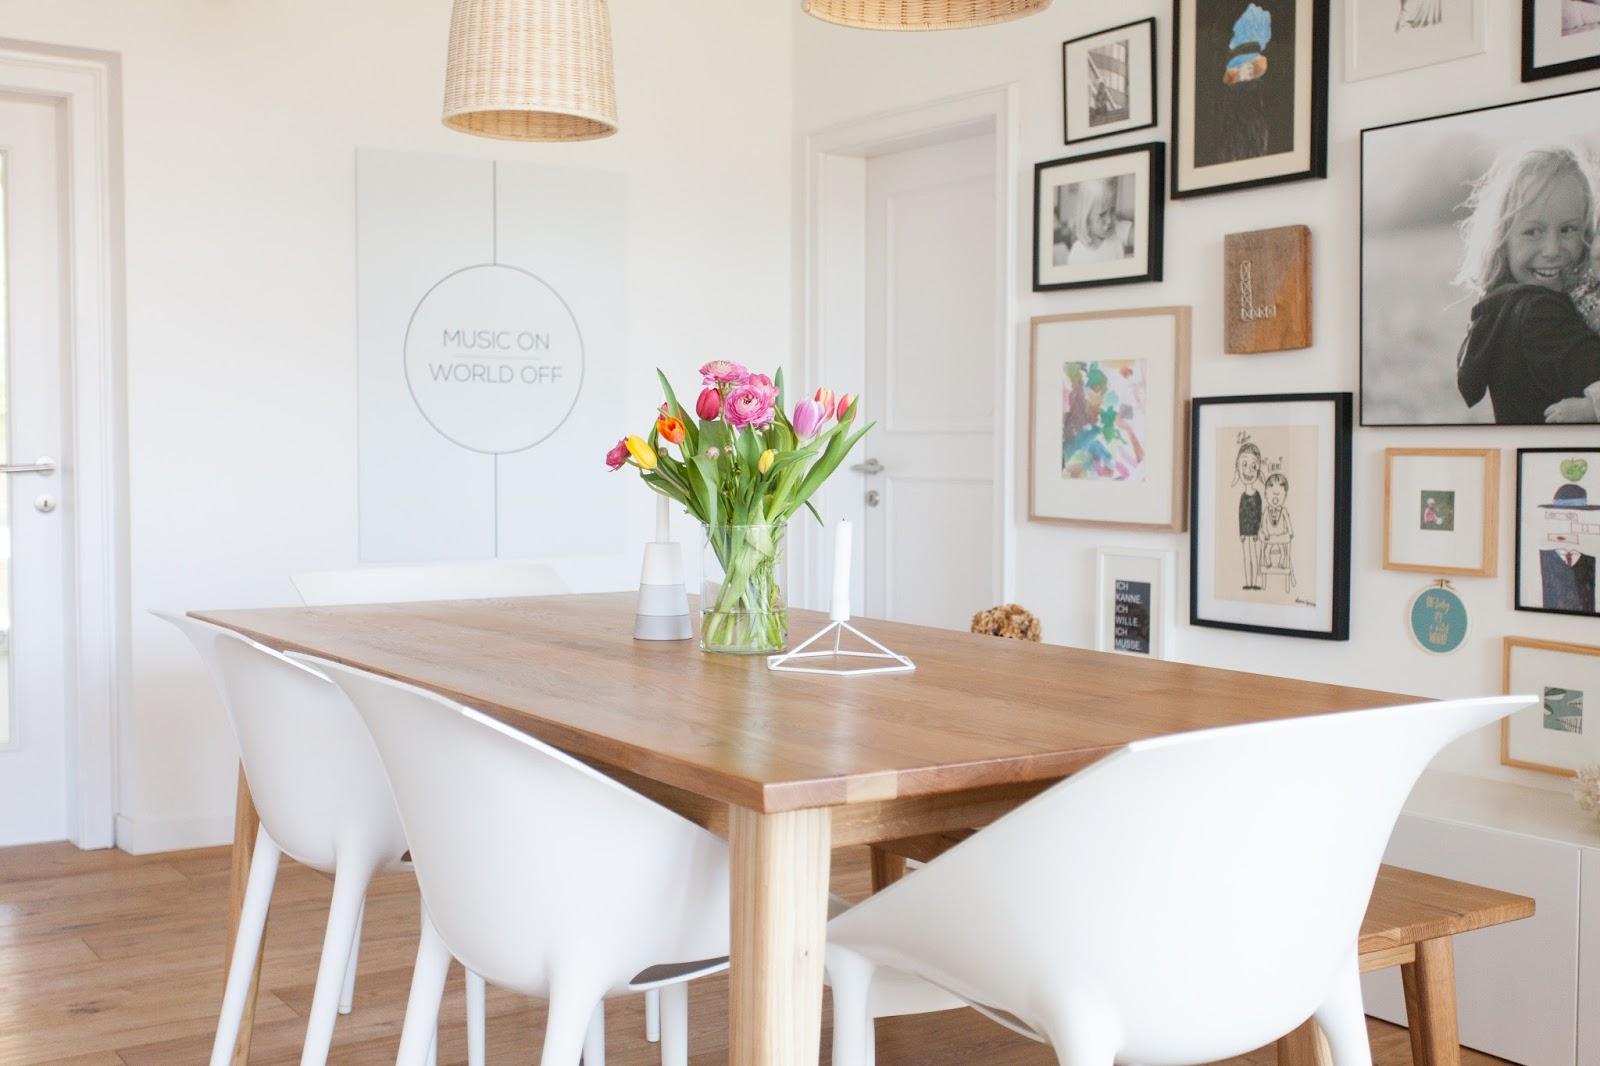 vorher nachher die sommergarderobe f rs esszimmer wohnprojekt wohnblog f r interior diy. Black Bedroom Furniture Sets. Home Design Ideas